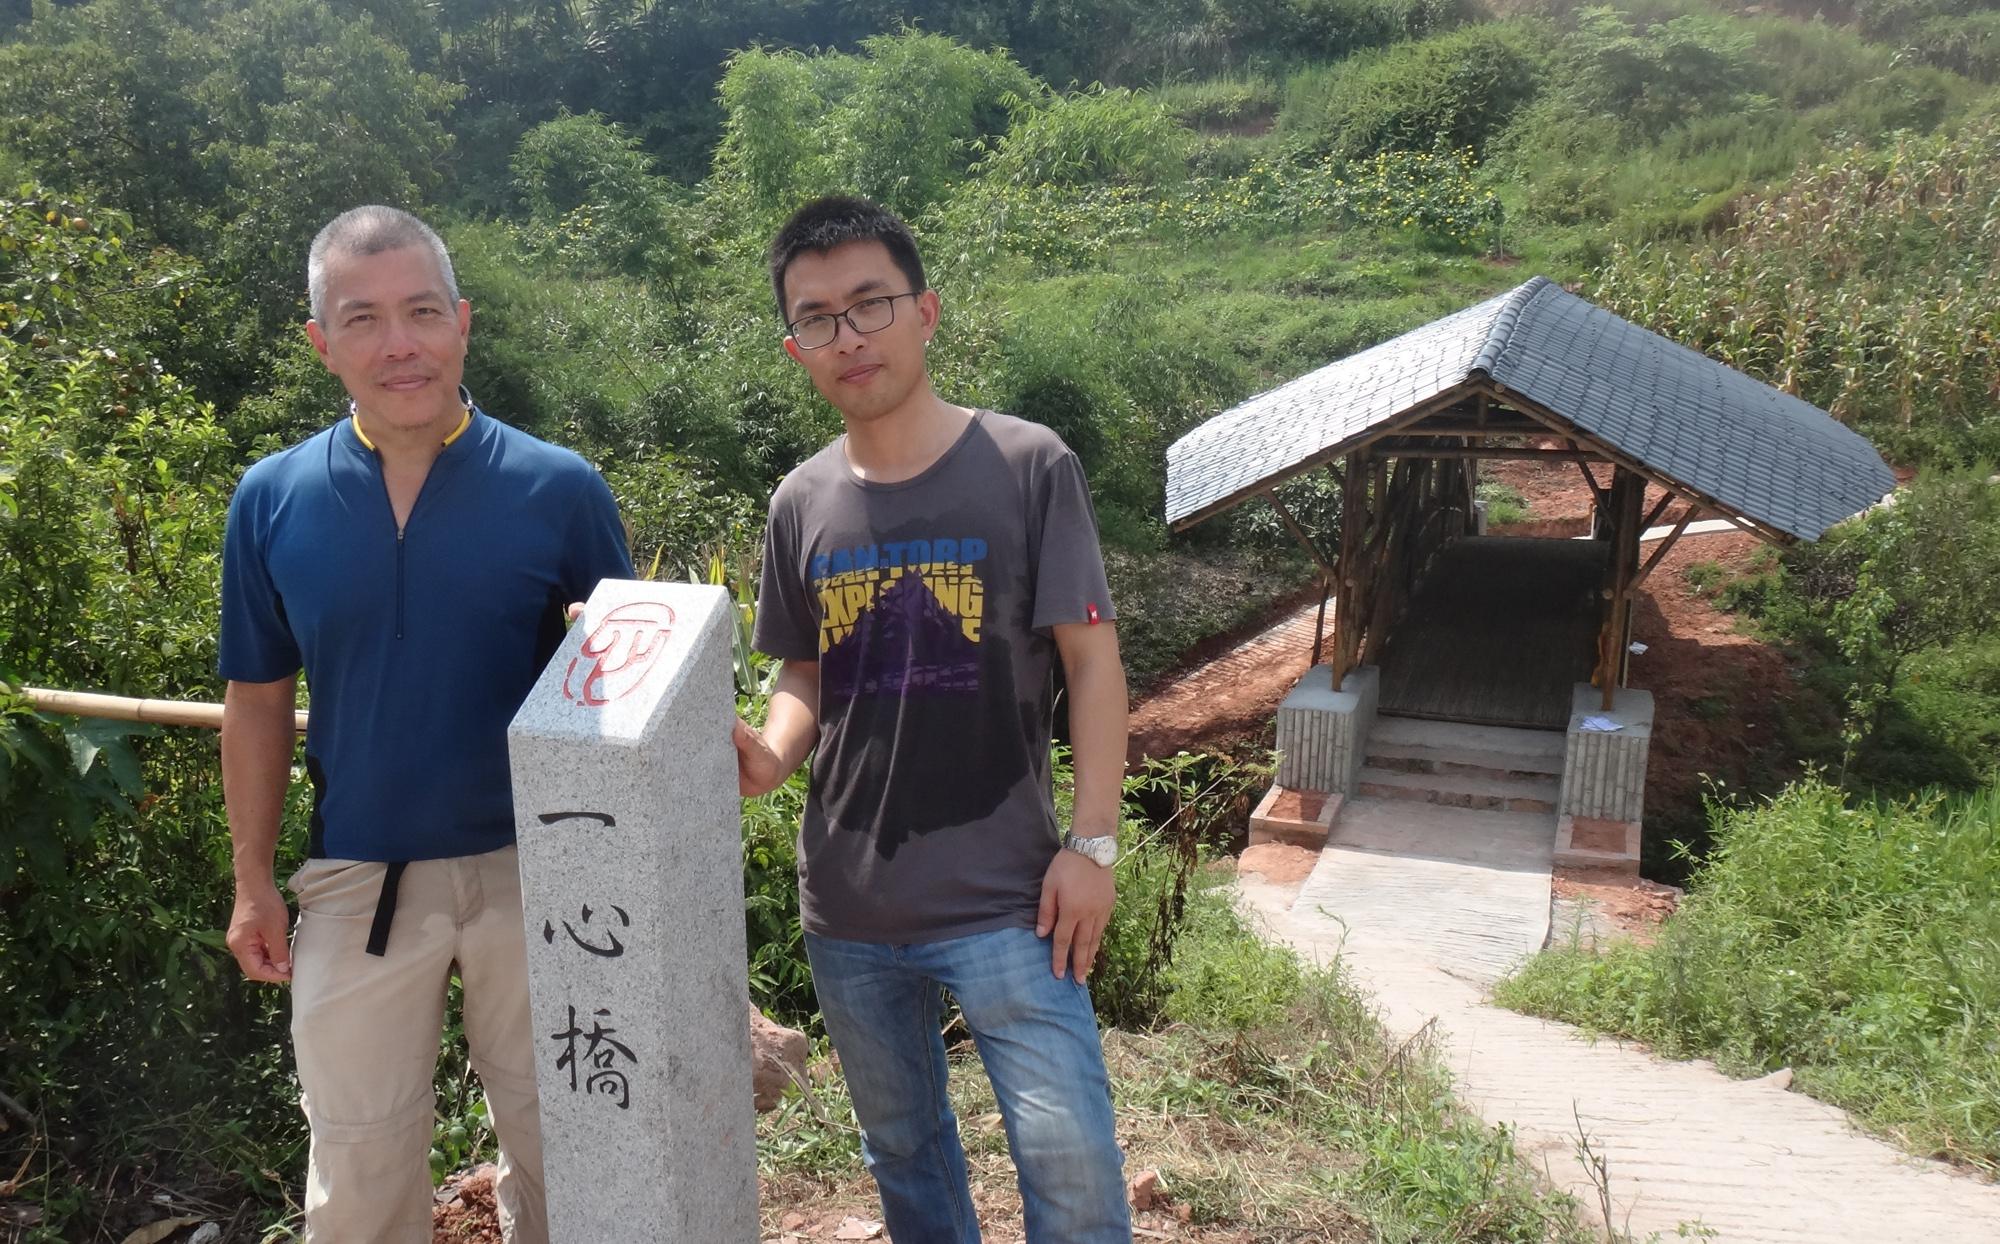 吳恩融教授與其博士生邵長專發起「一專一村」的「一心橋」竹橋建設項目。